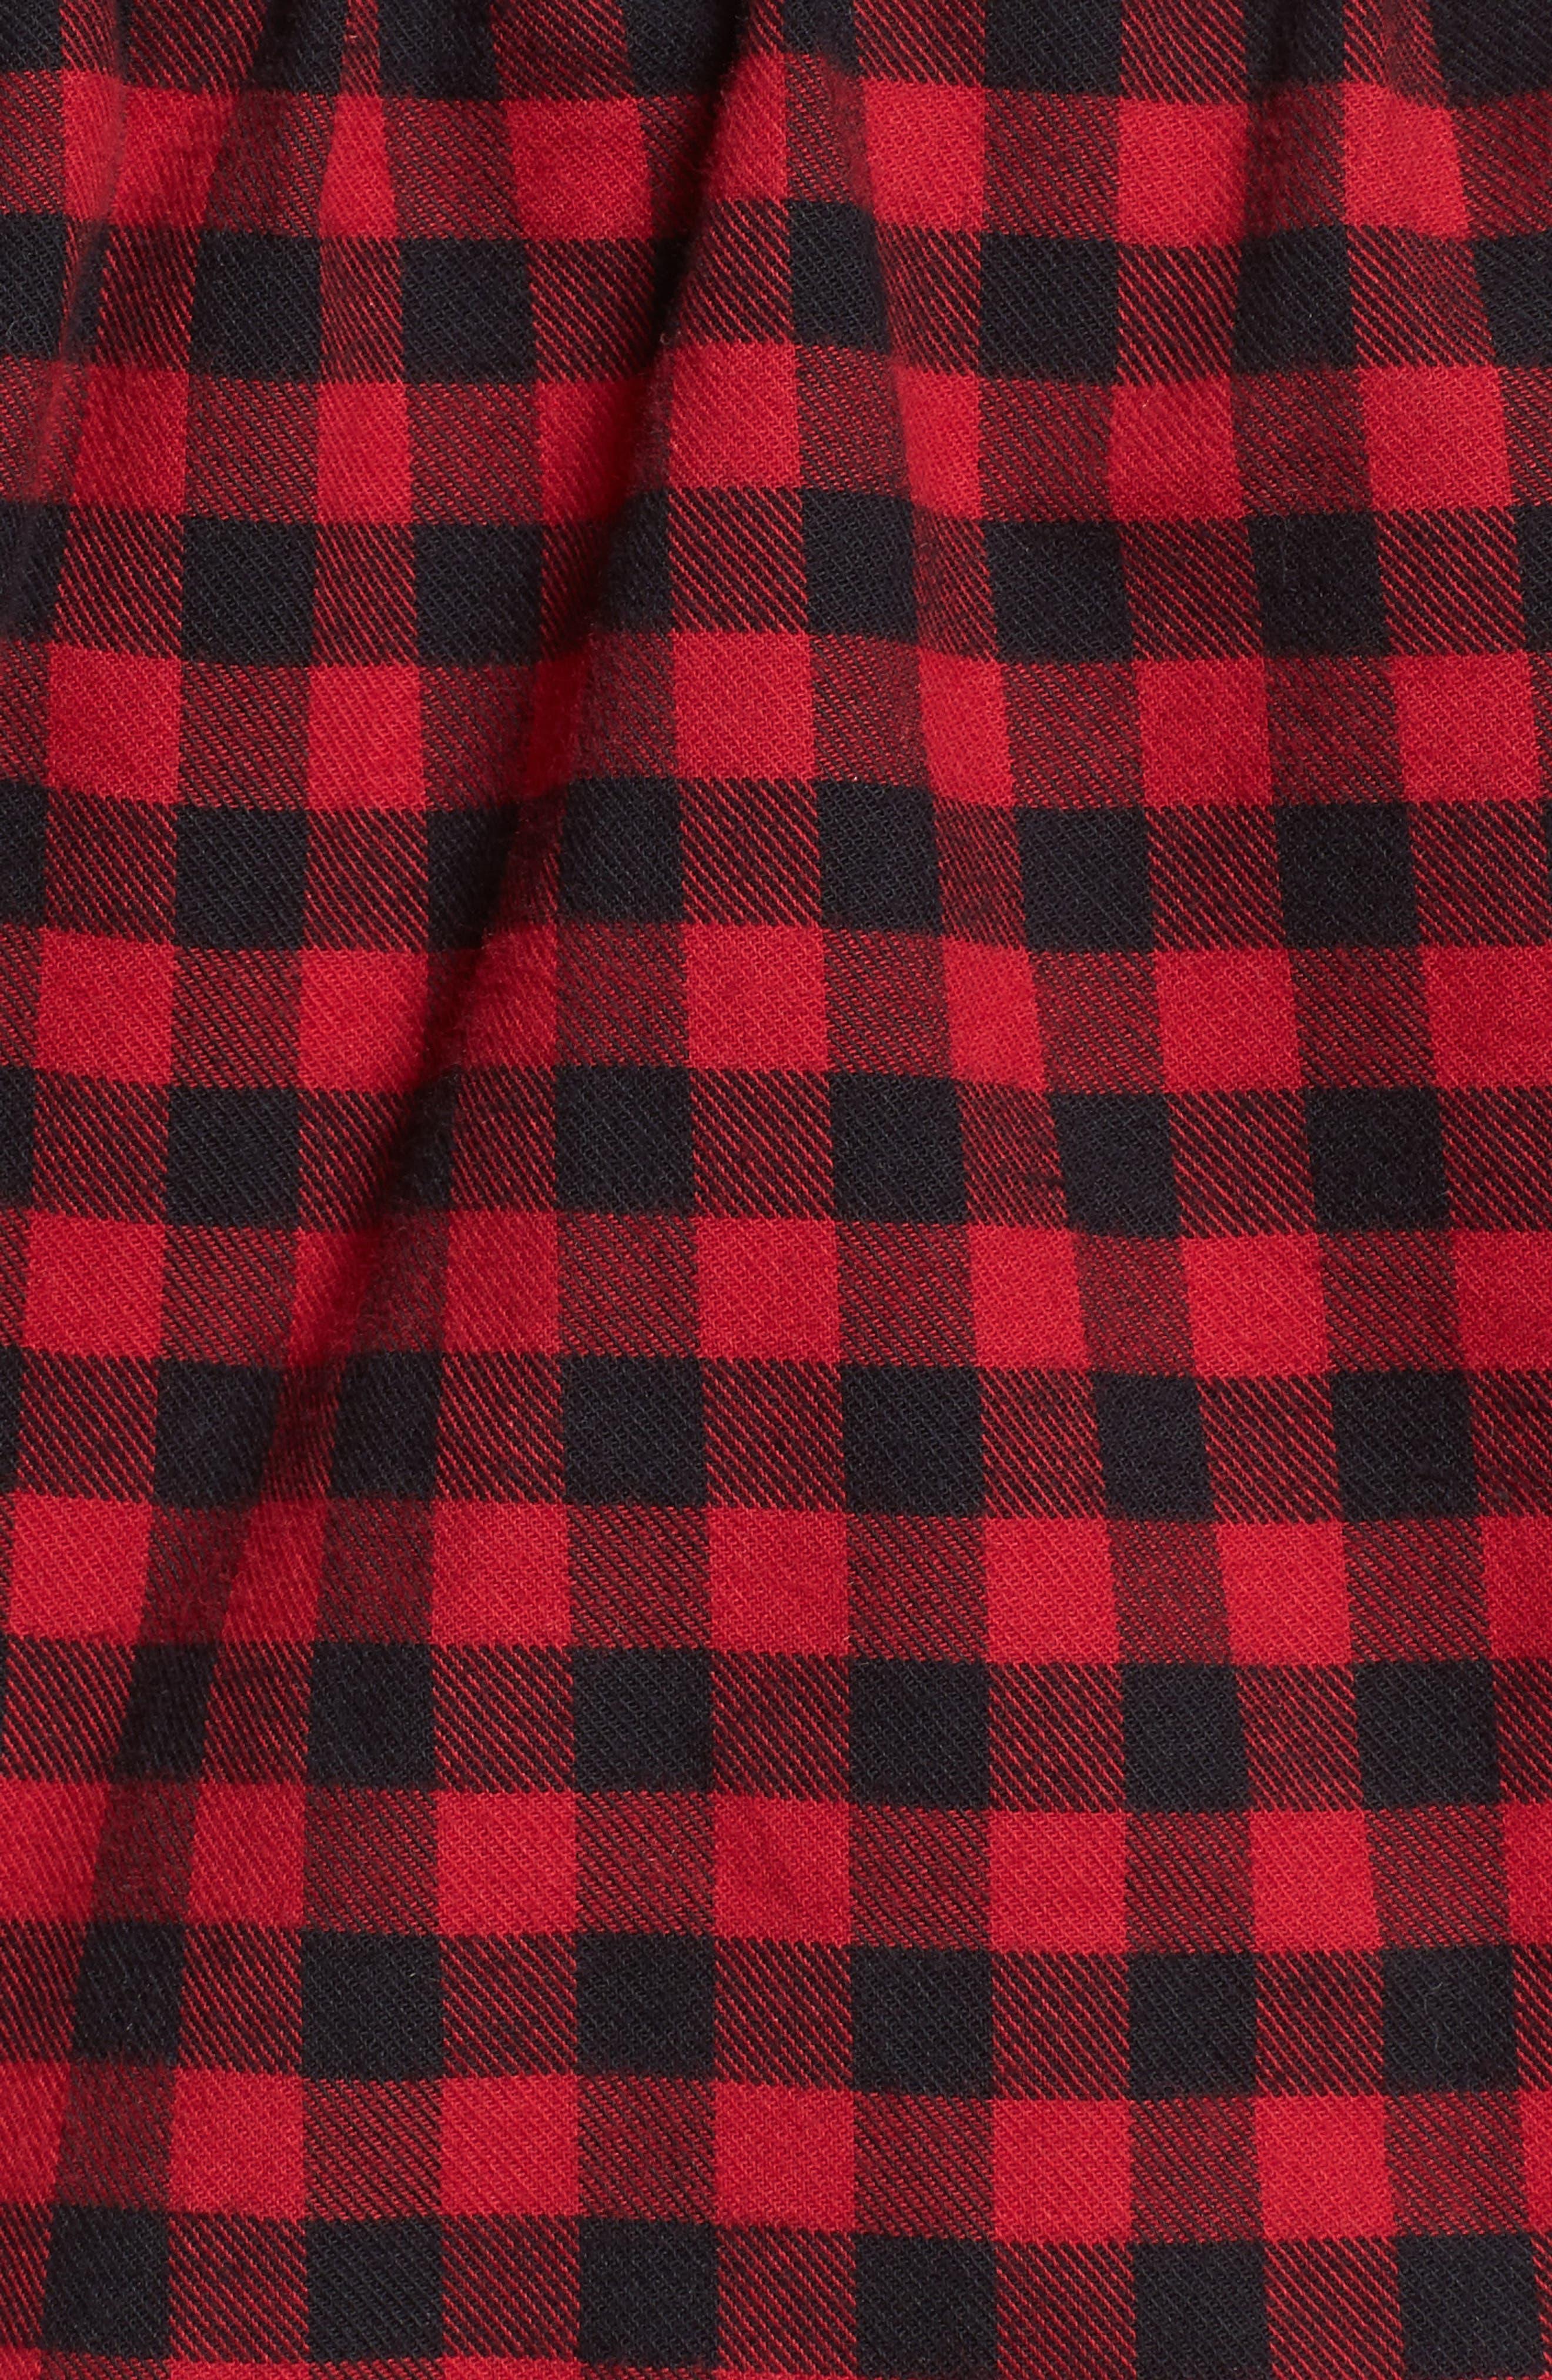 Plaid Off the Shoulder Crop Top,                             Alternate thumbnail 5, color,                             600